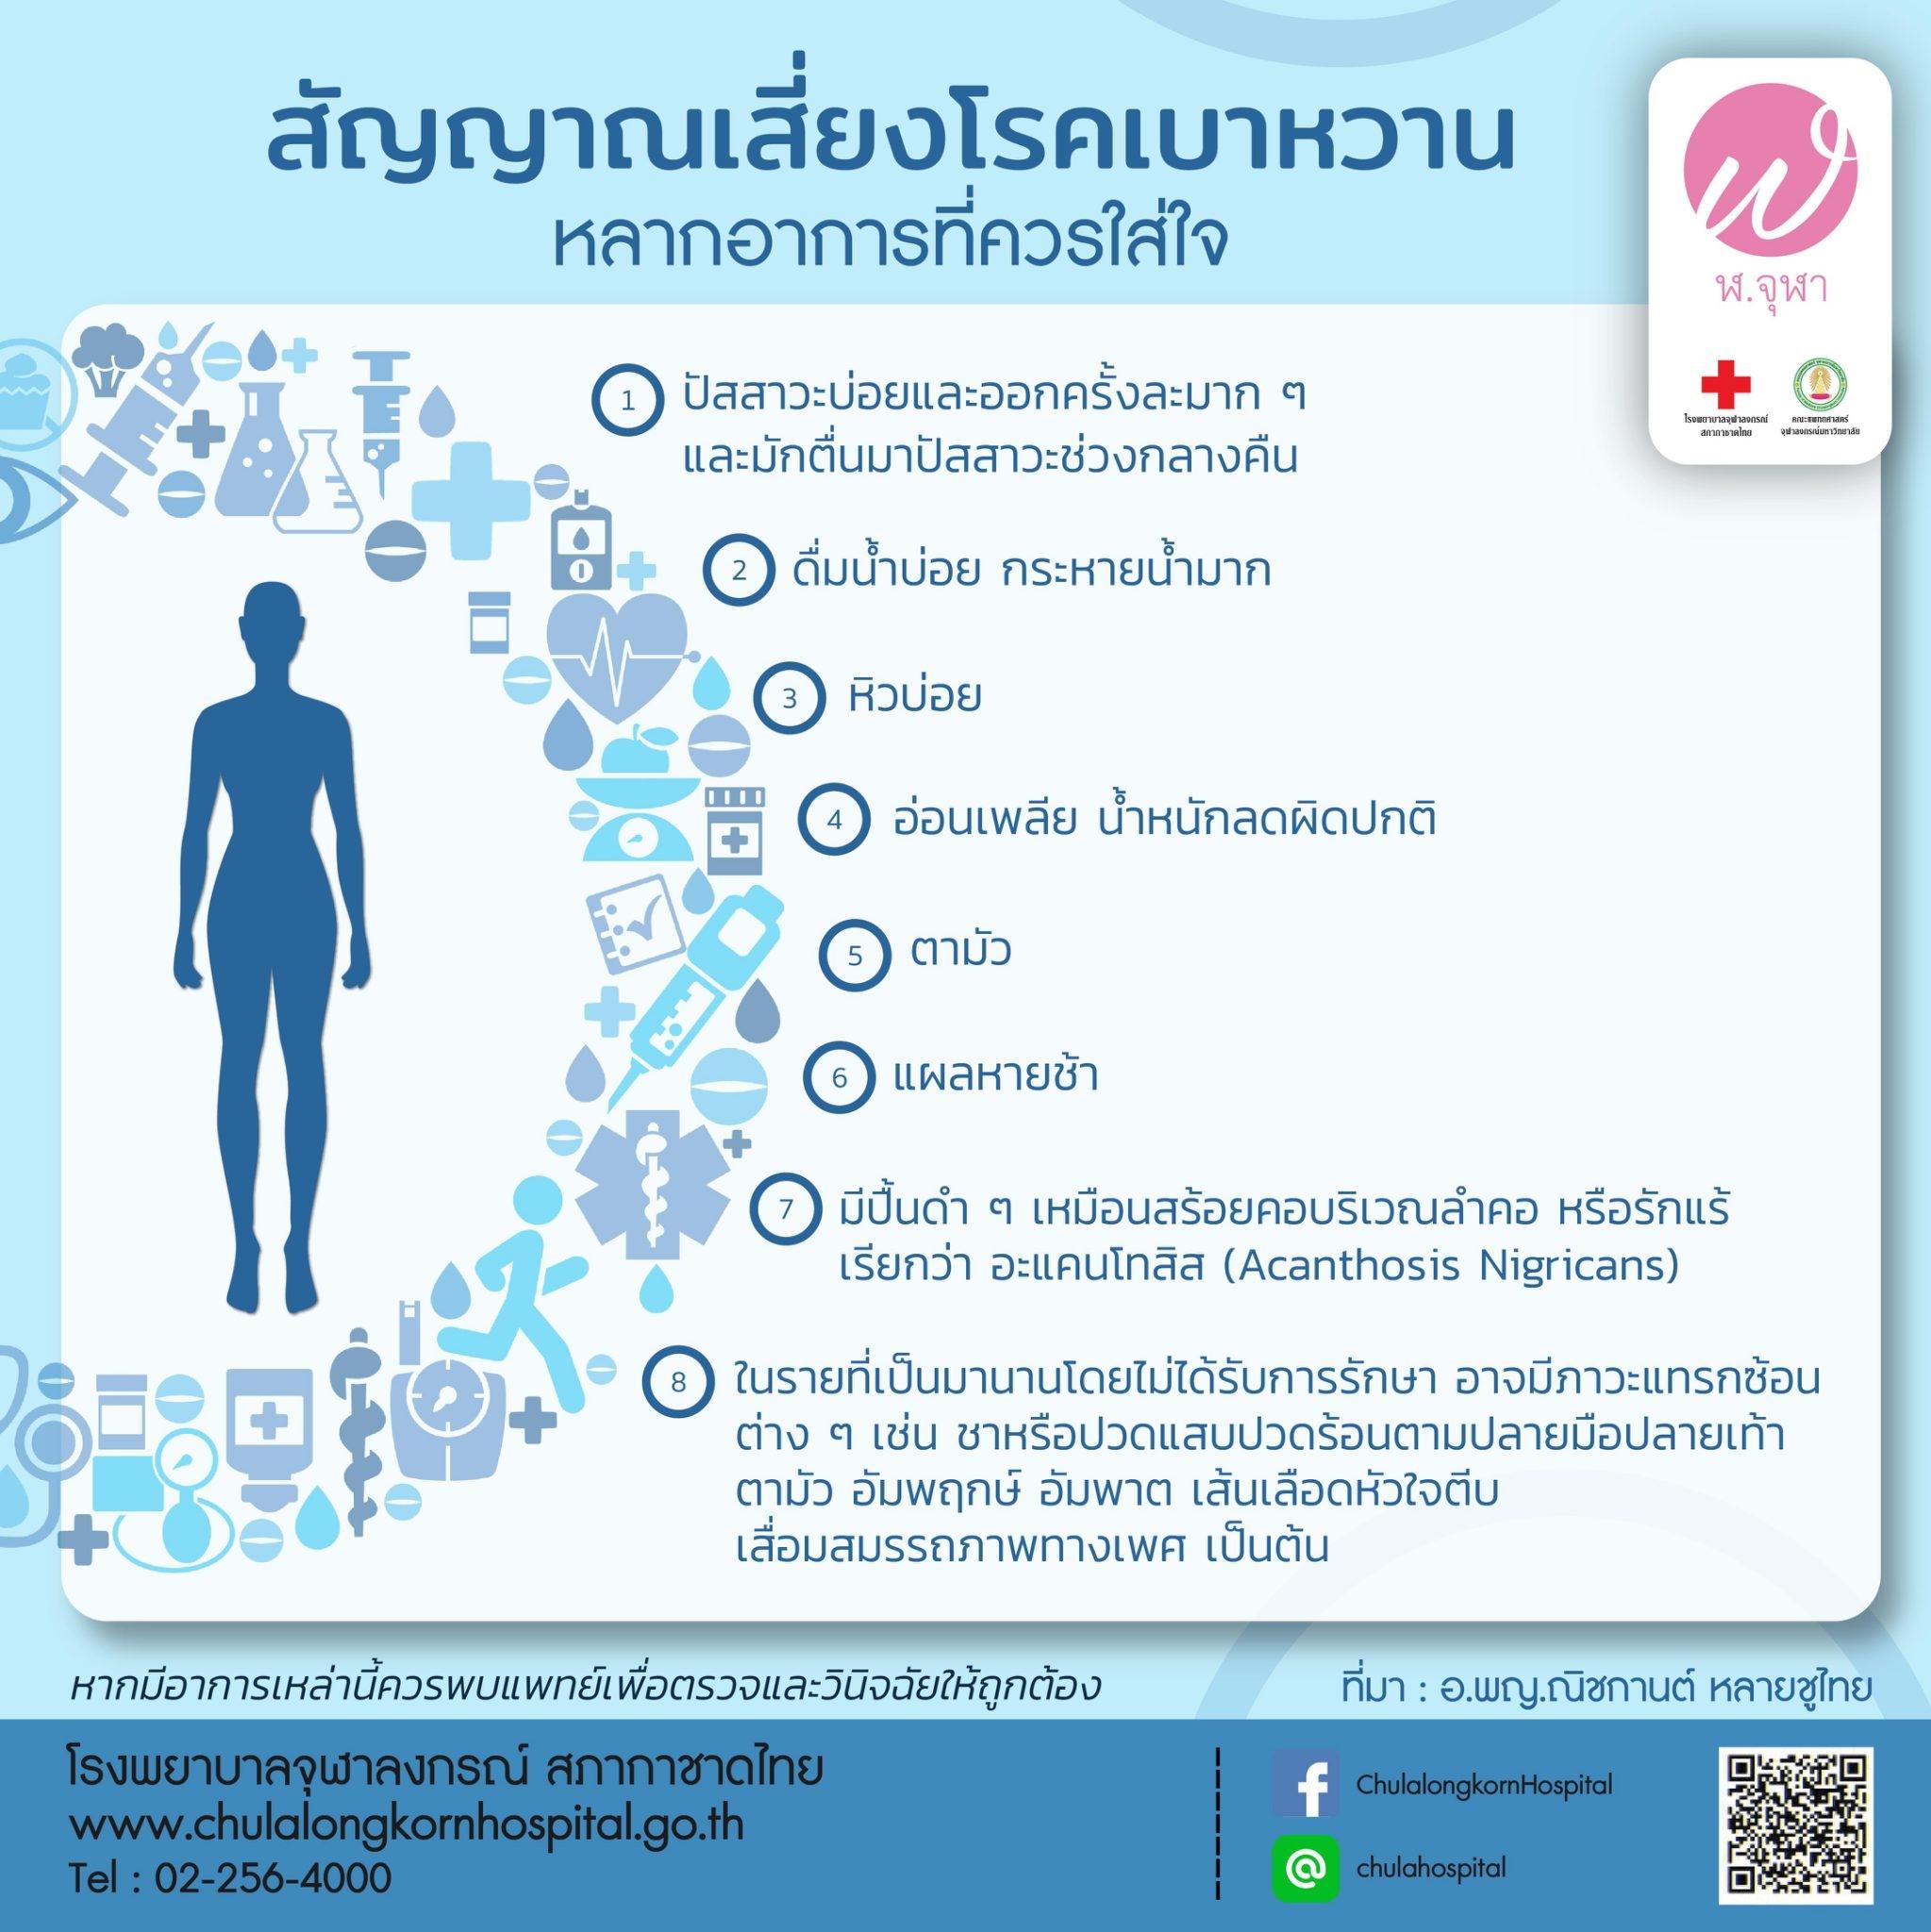 สัญญาณเสี่ยงโรคเบาหวาน หลากอาการที่ควรใส่ใจ